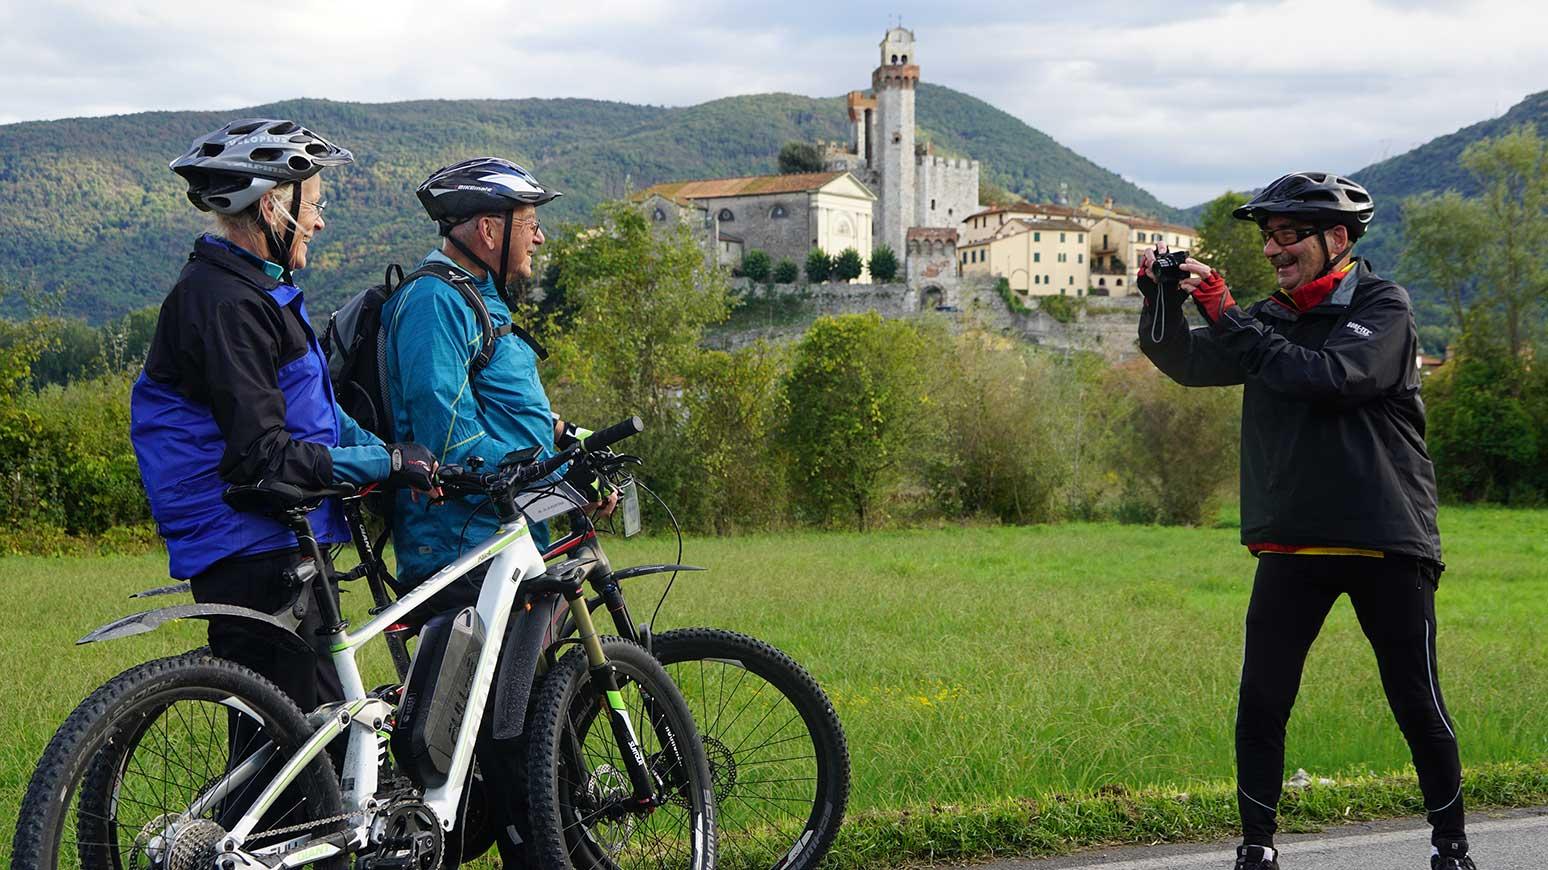 Toskana Radreise: Erstklassige Fotomotive und nette Mitfahrer sind bei der Leserreise Toskana garantiert - man sieht´s!